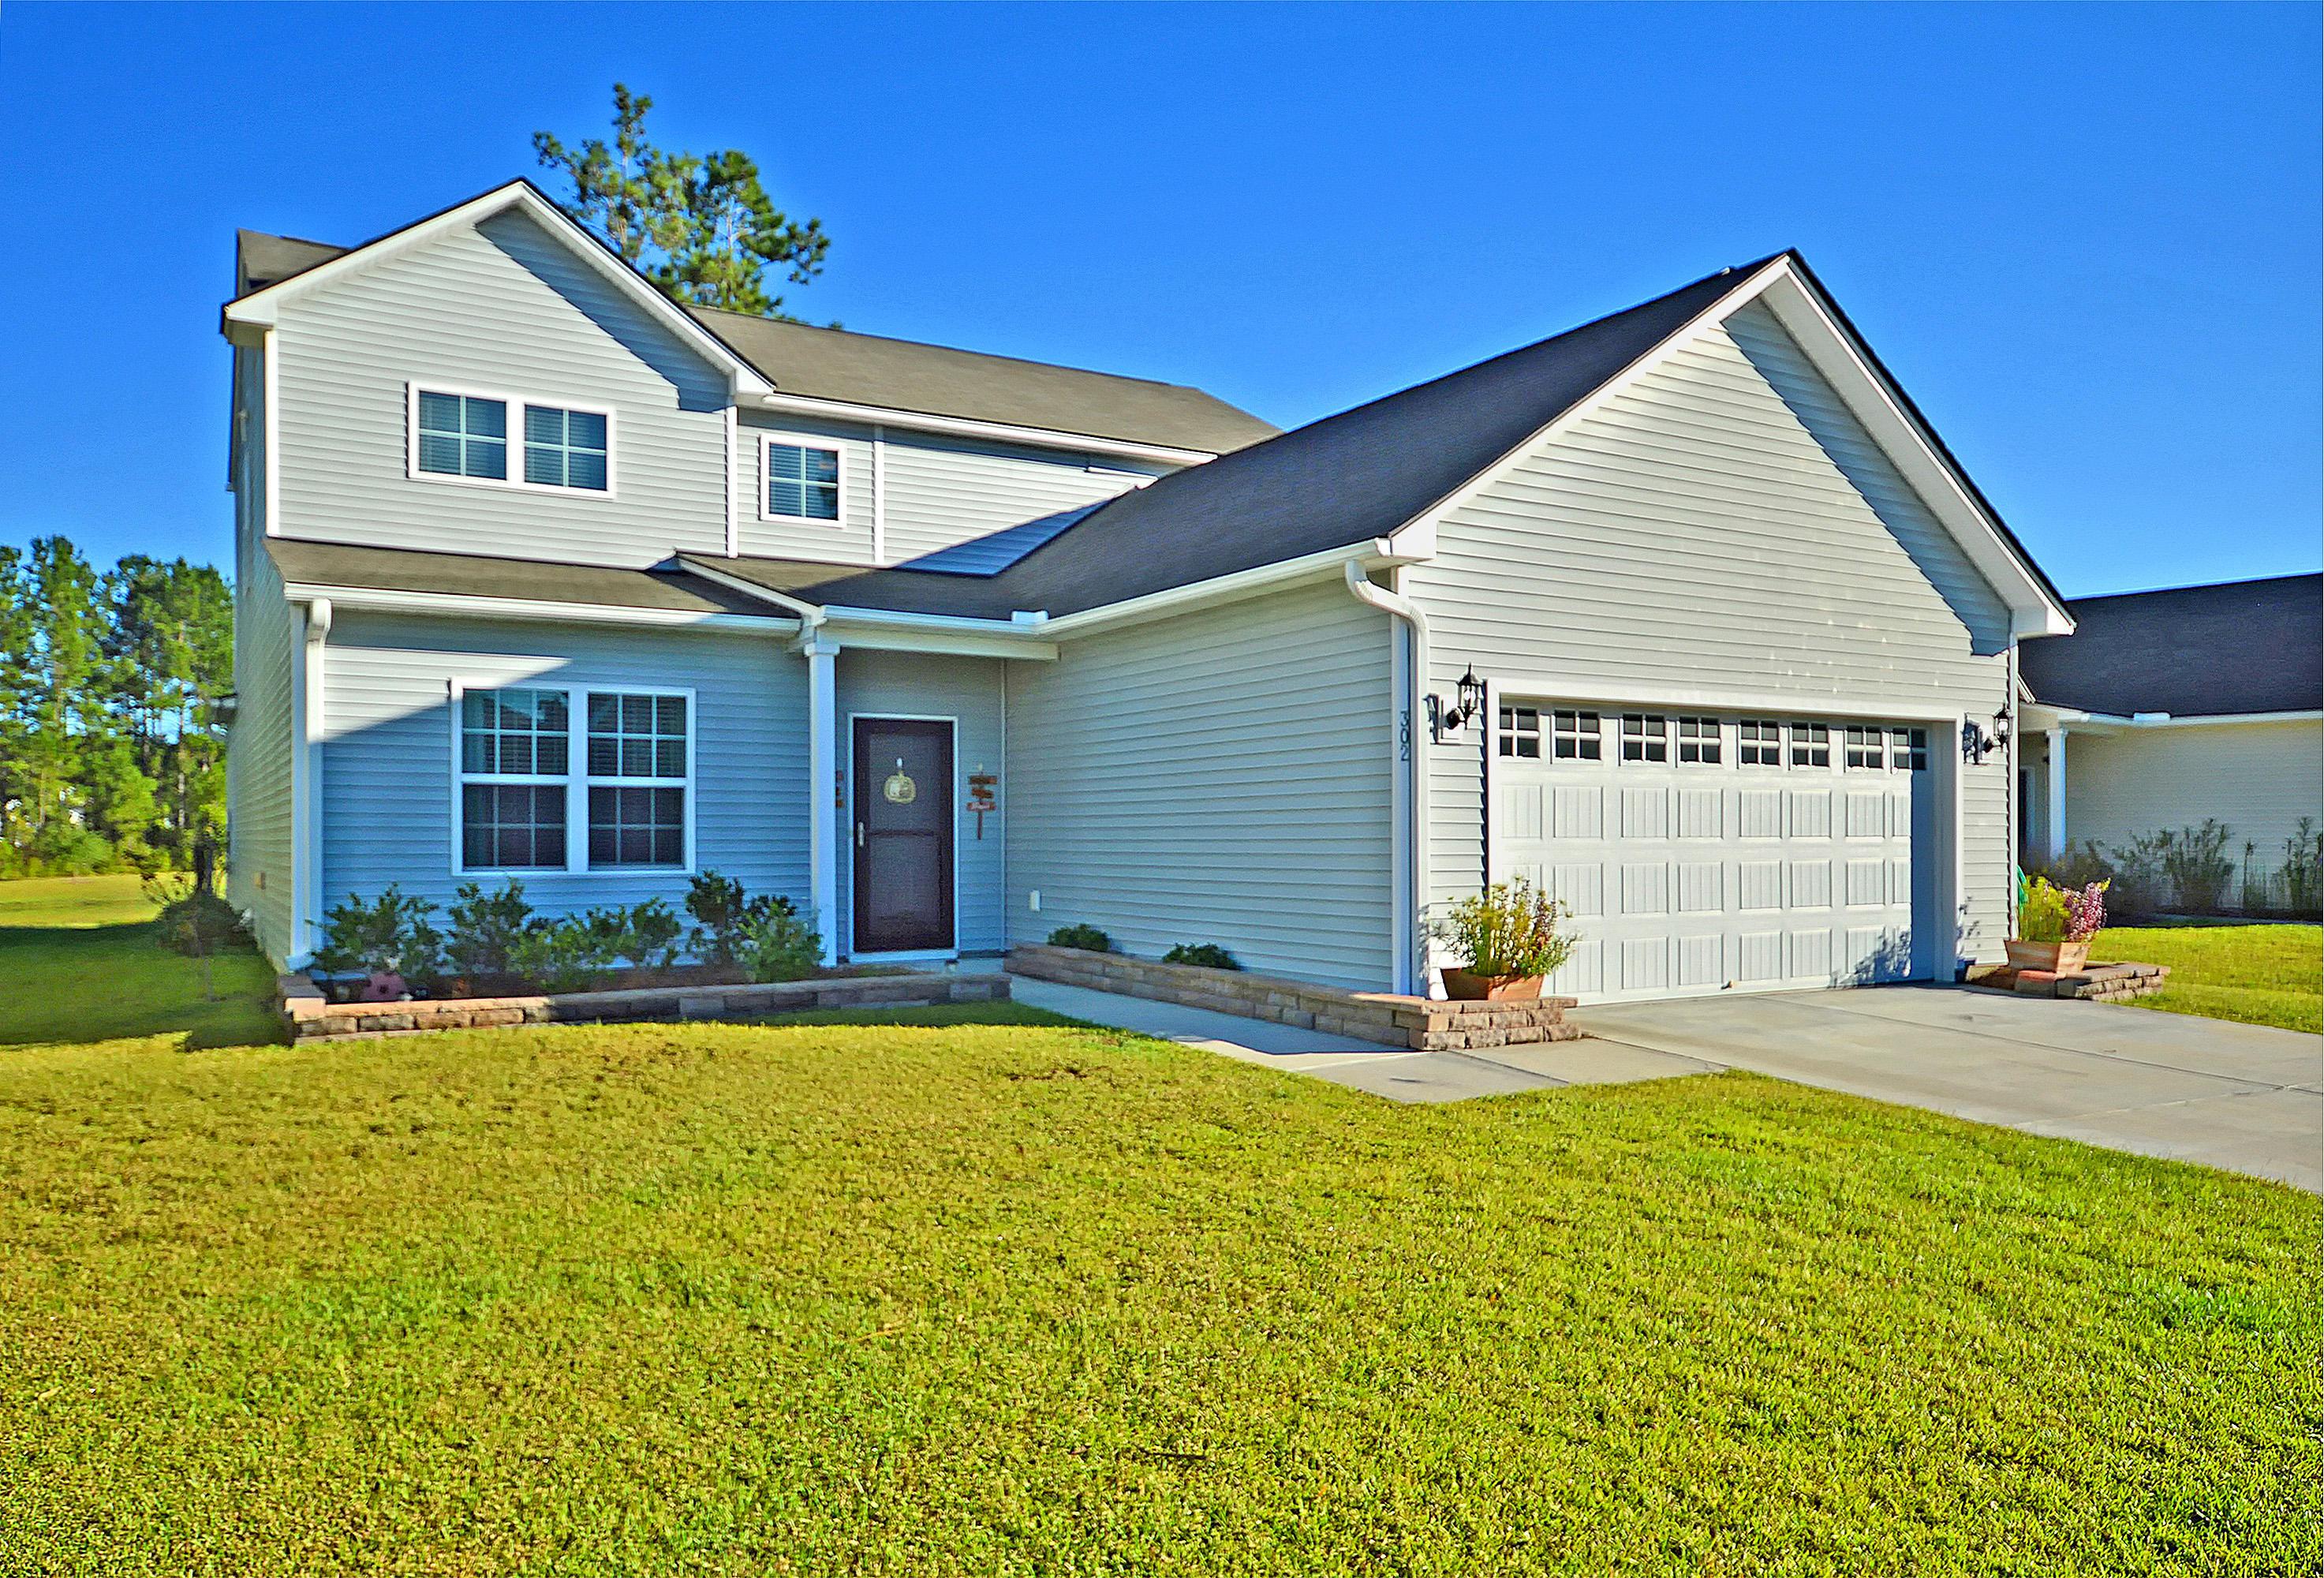 302 Decatur Drive Summerville, SC 29486